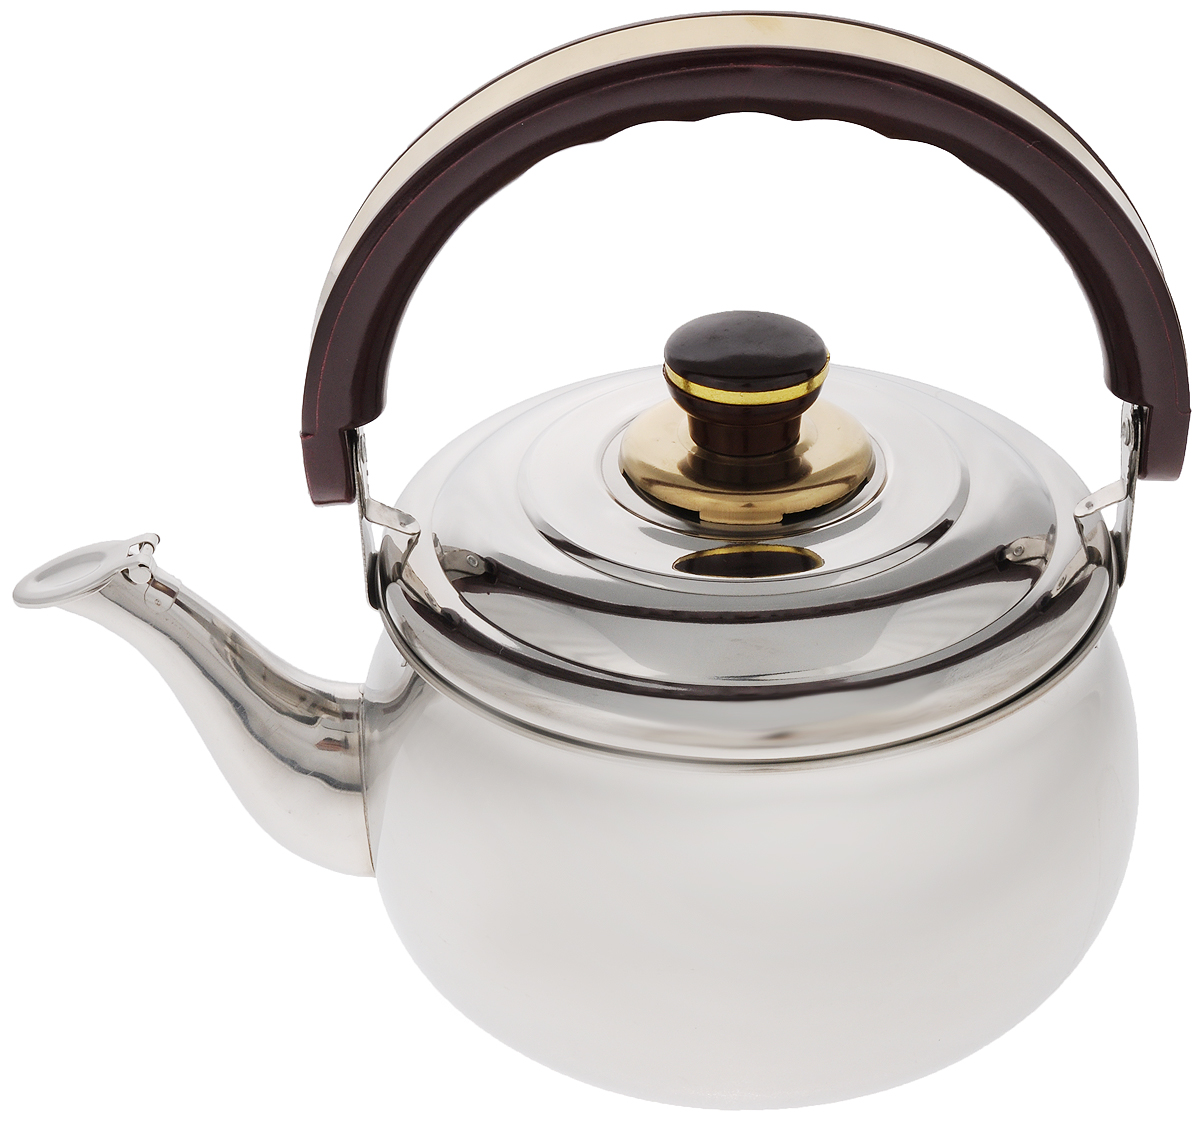 """Чайник """"Mayer & Boch"""" изготовлен из высококачественной нержавеющей стали с зеркальной полировкой. Крышка чайника оснащена свистком, что позволит контролировать процесс подогрева или кипячения воды. Подвижная бакелитовая ручка имеет эргономичную форму, обеспечивая дополнительное удобство при разлитии напитка. Широкое верхнее отверстие позволит удобно налить воду.  Чайник подходит для использования на электрических, газовых, стеклокерамических плитах. Можно мыть в посудомоечной машине. Диаметр чайника по верхнему краю: 18 см. Высота чайника (без учета ручки и крышки): 11 см."""